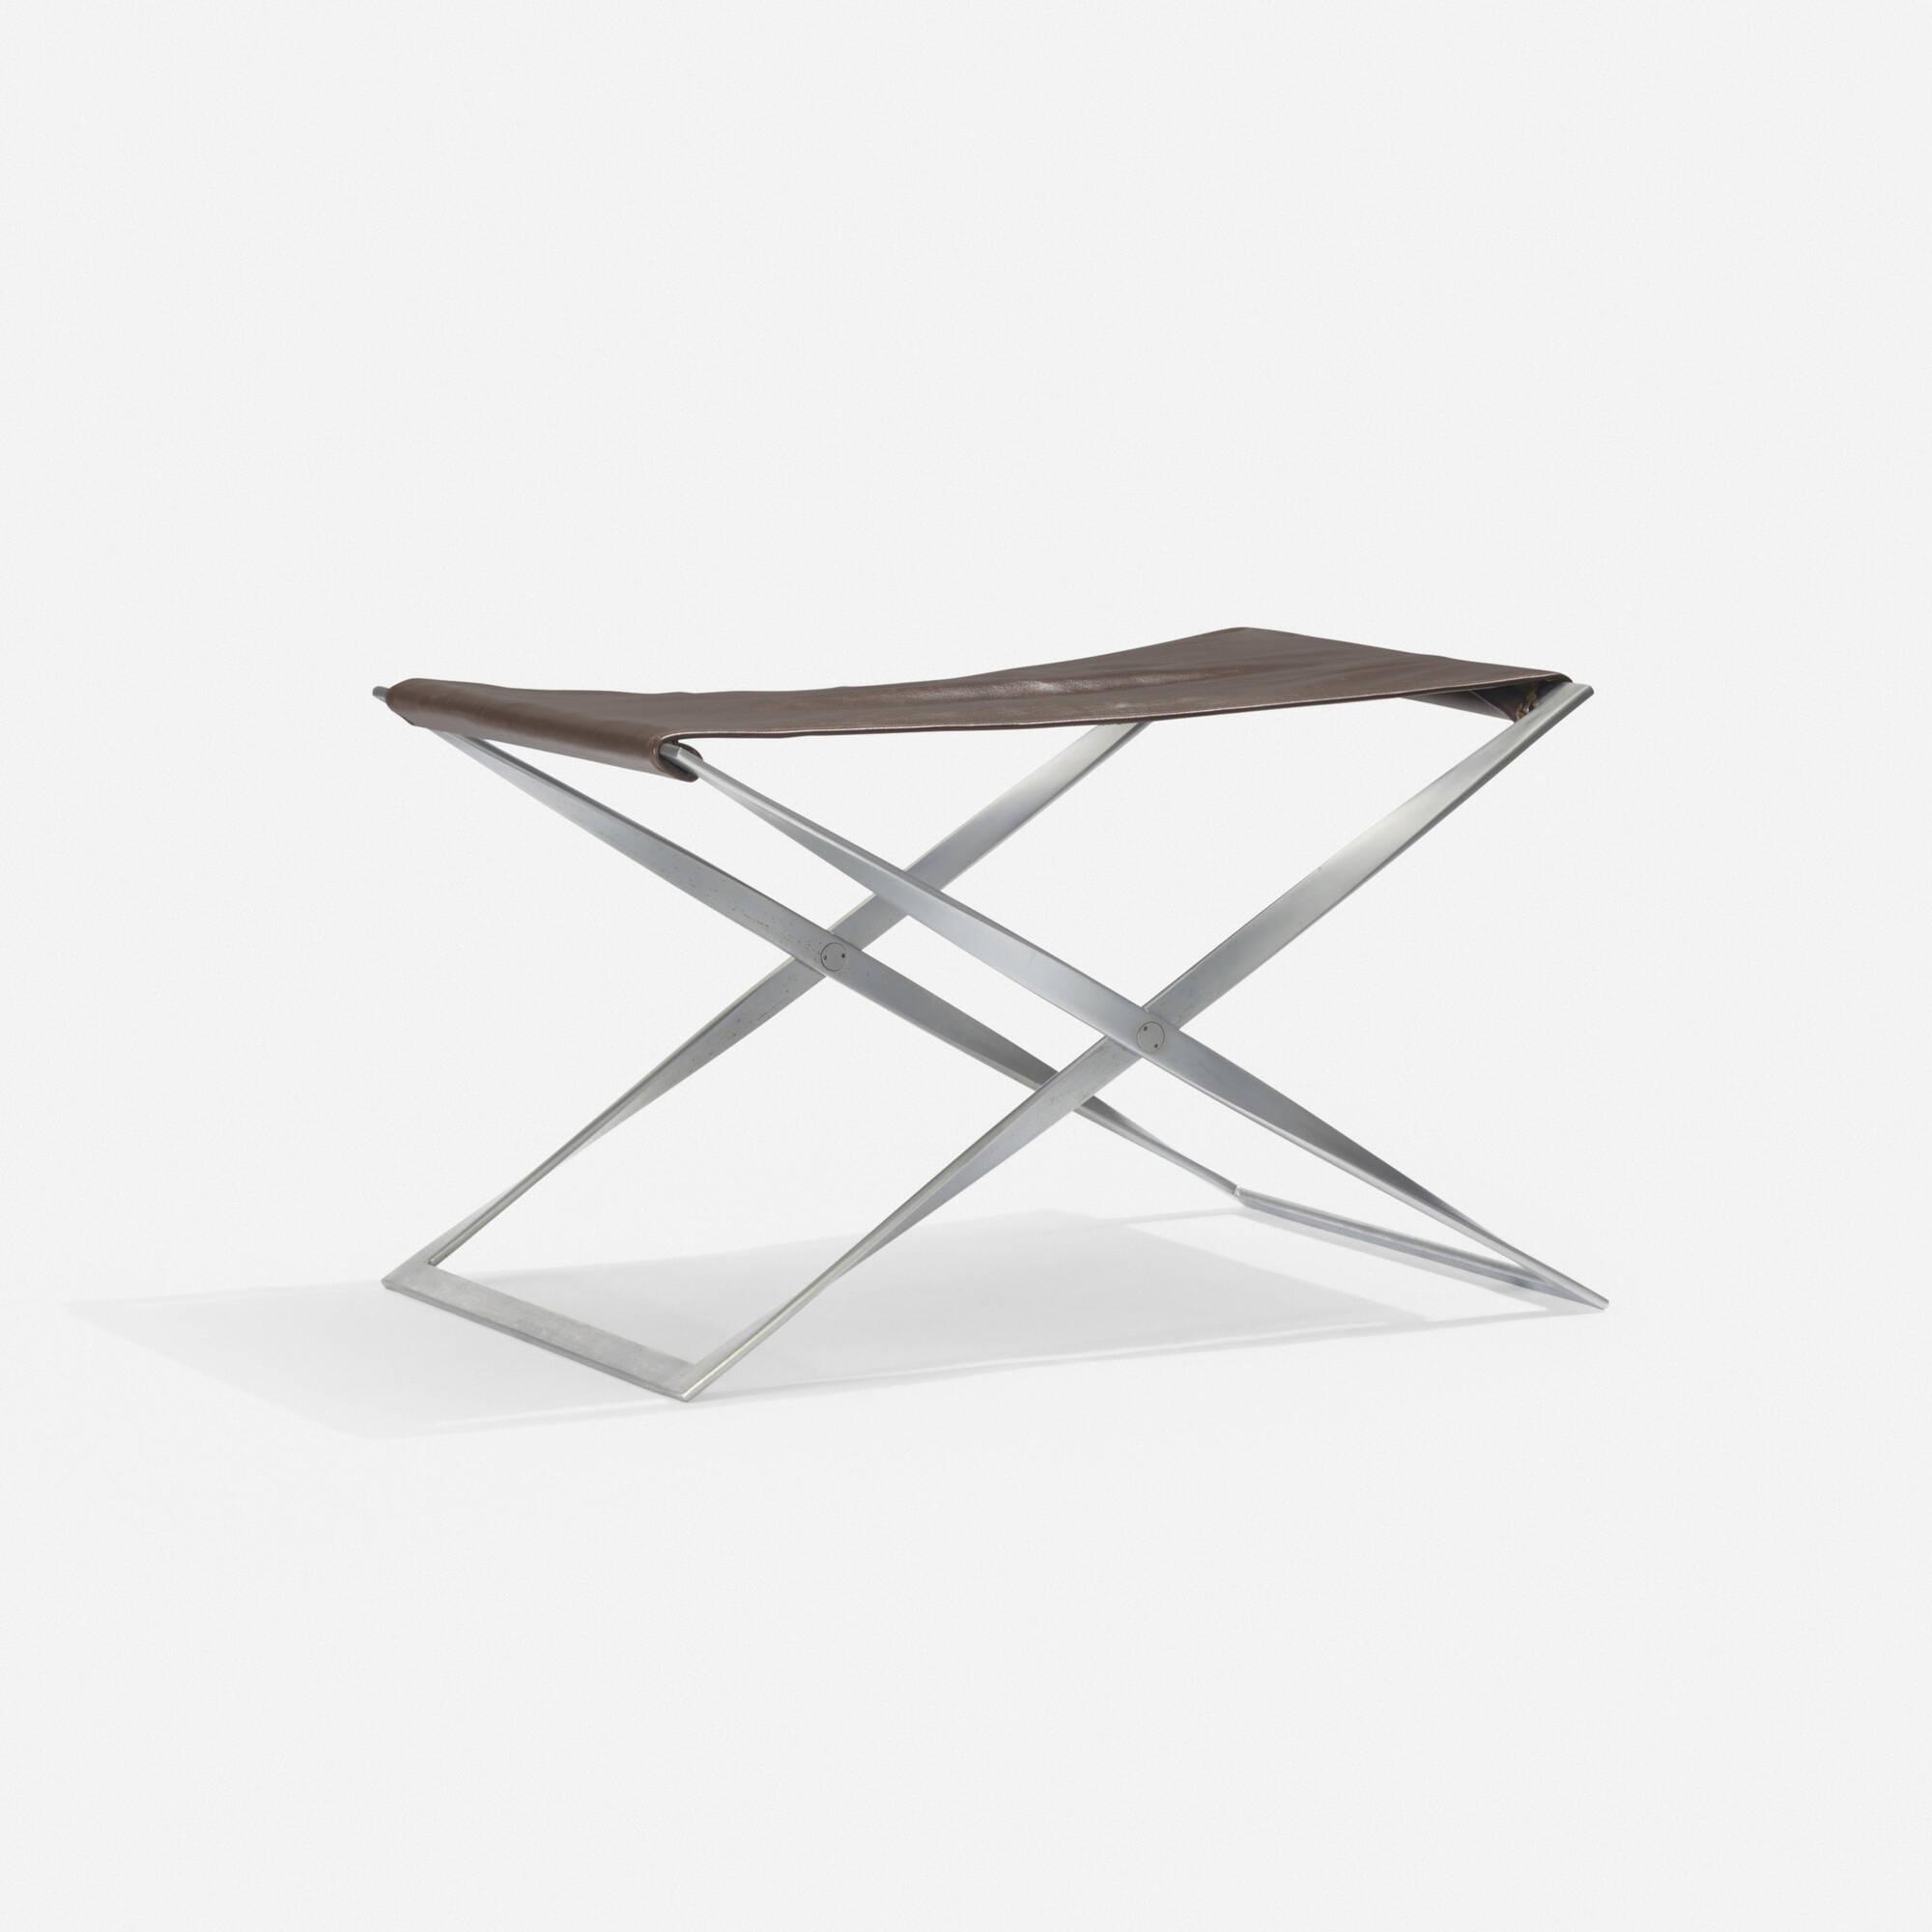 127: Poul Kjaerholm / PK 91 stool (1 of 2)